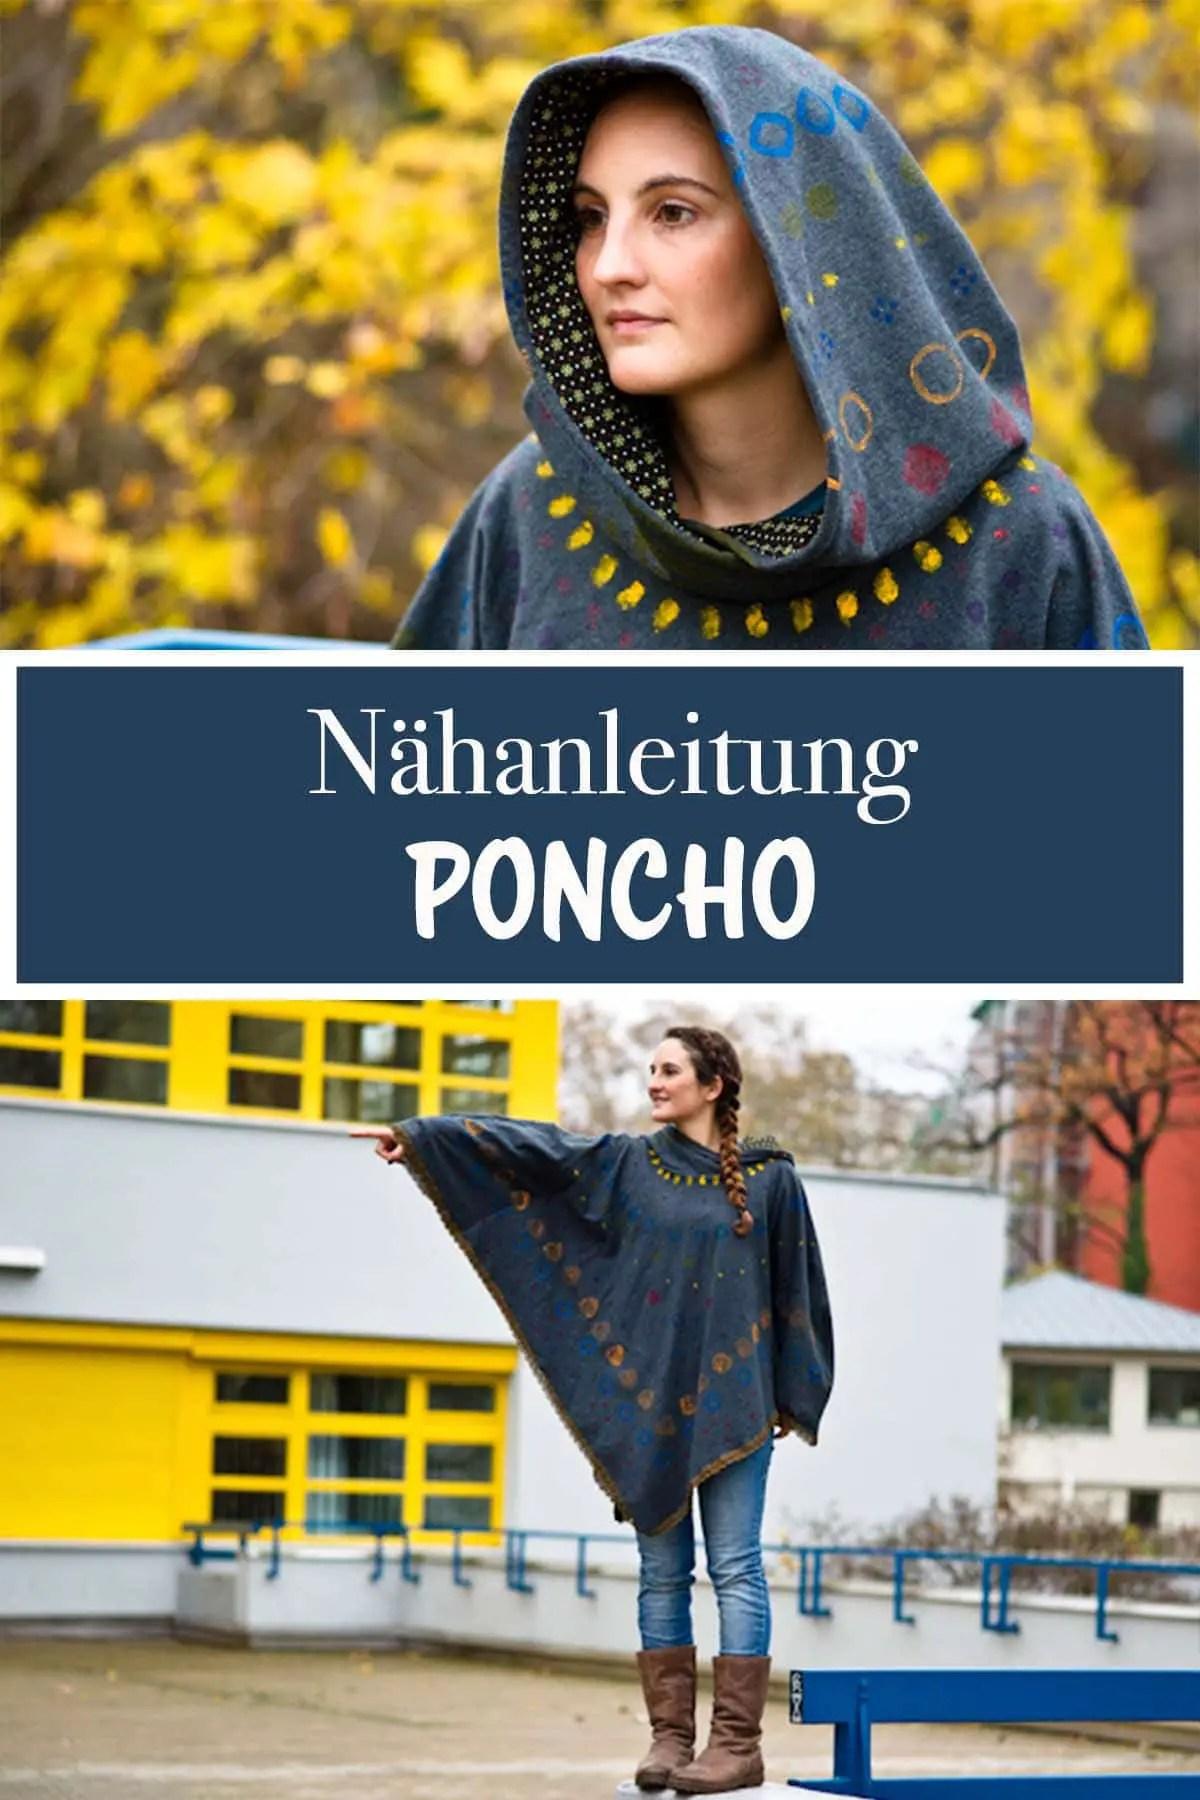 Kostenfreie Nähanleitung für einen Poncho